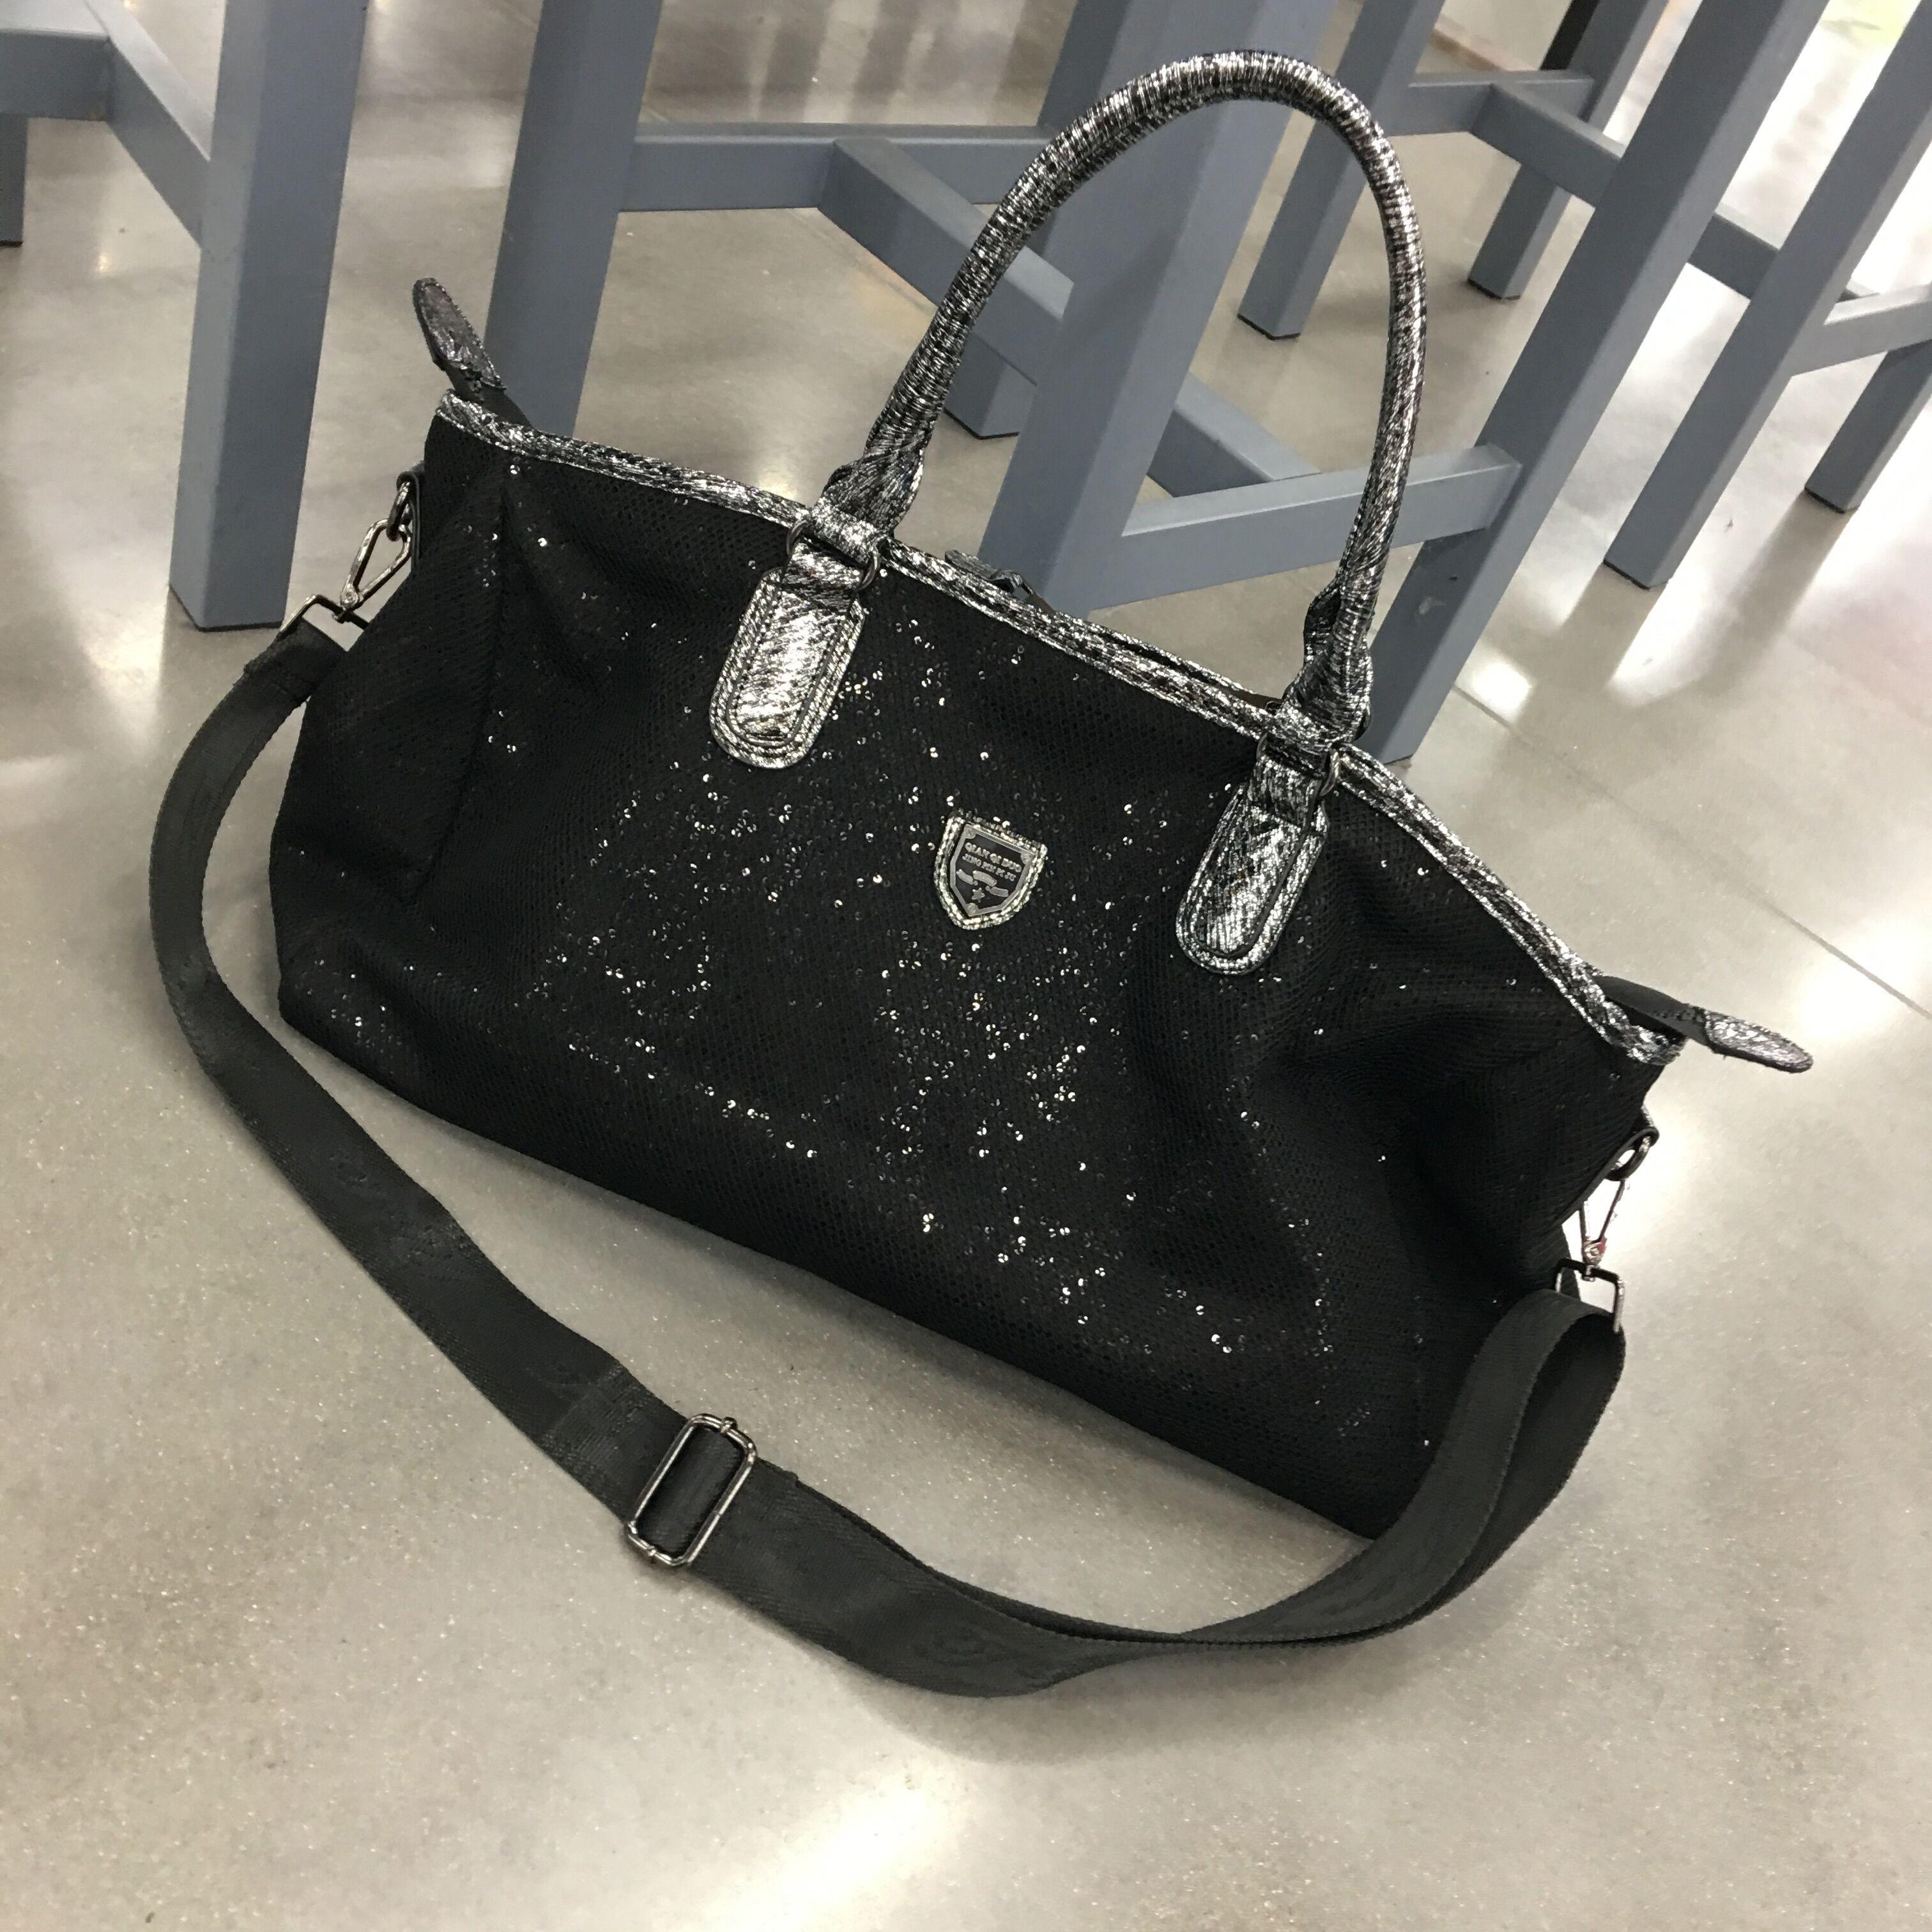 新款明星款旅游健身包时尚个姓大容量亮片短途行李包 2018 旅行包女